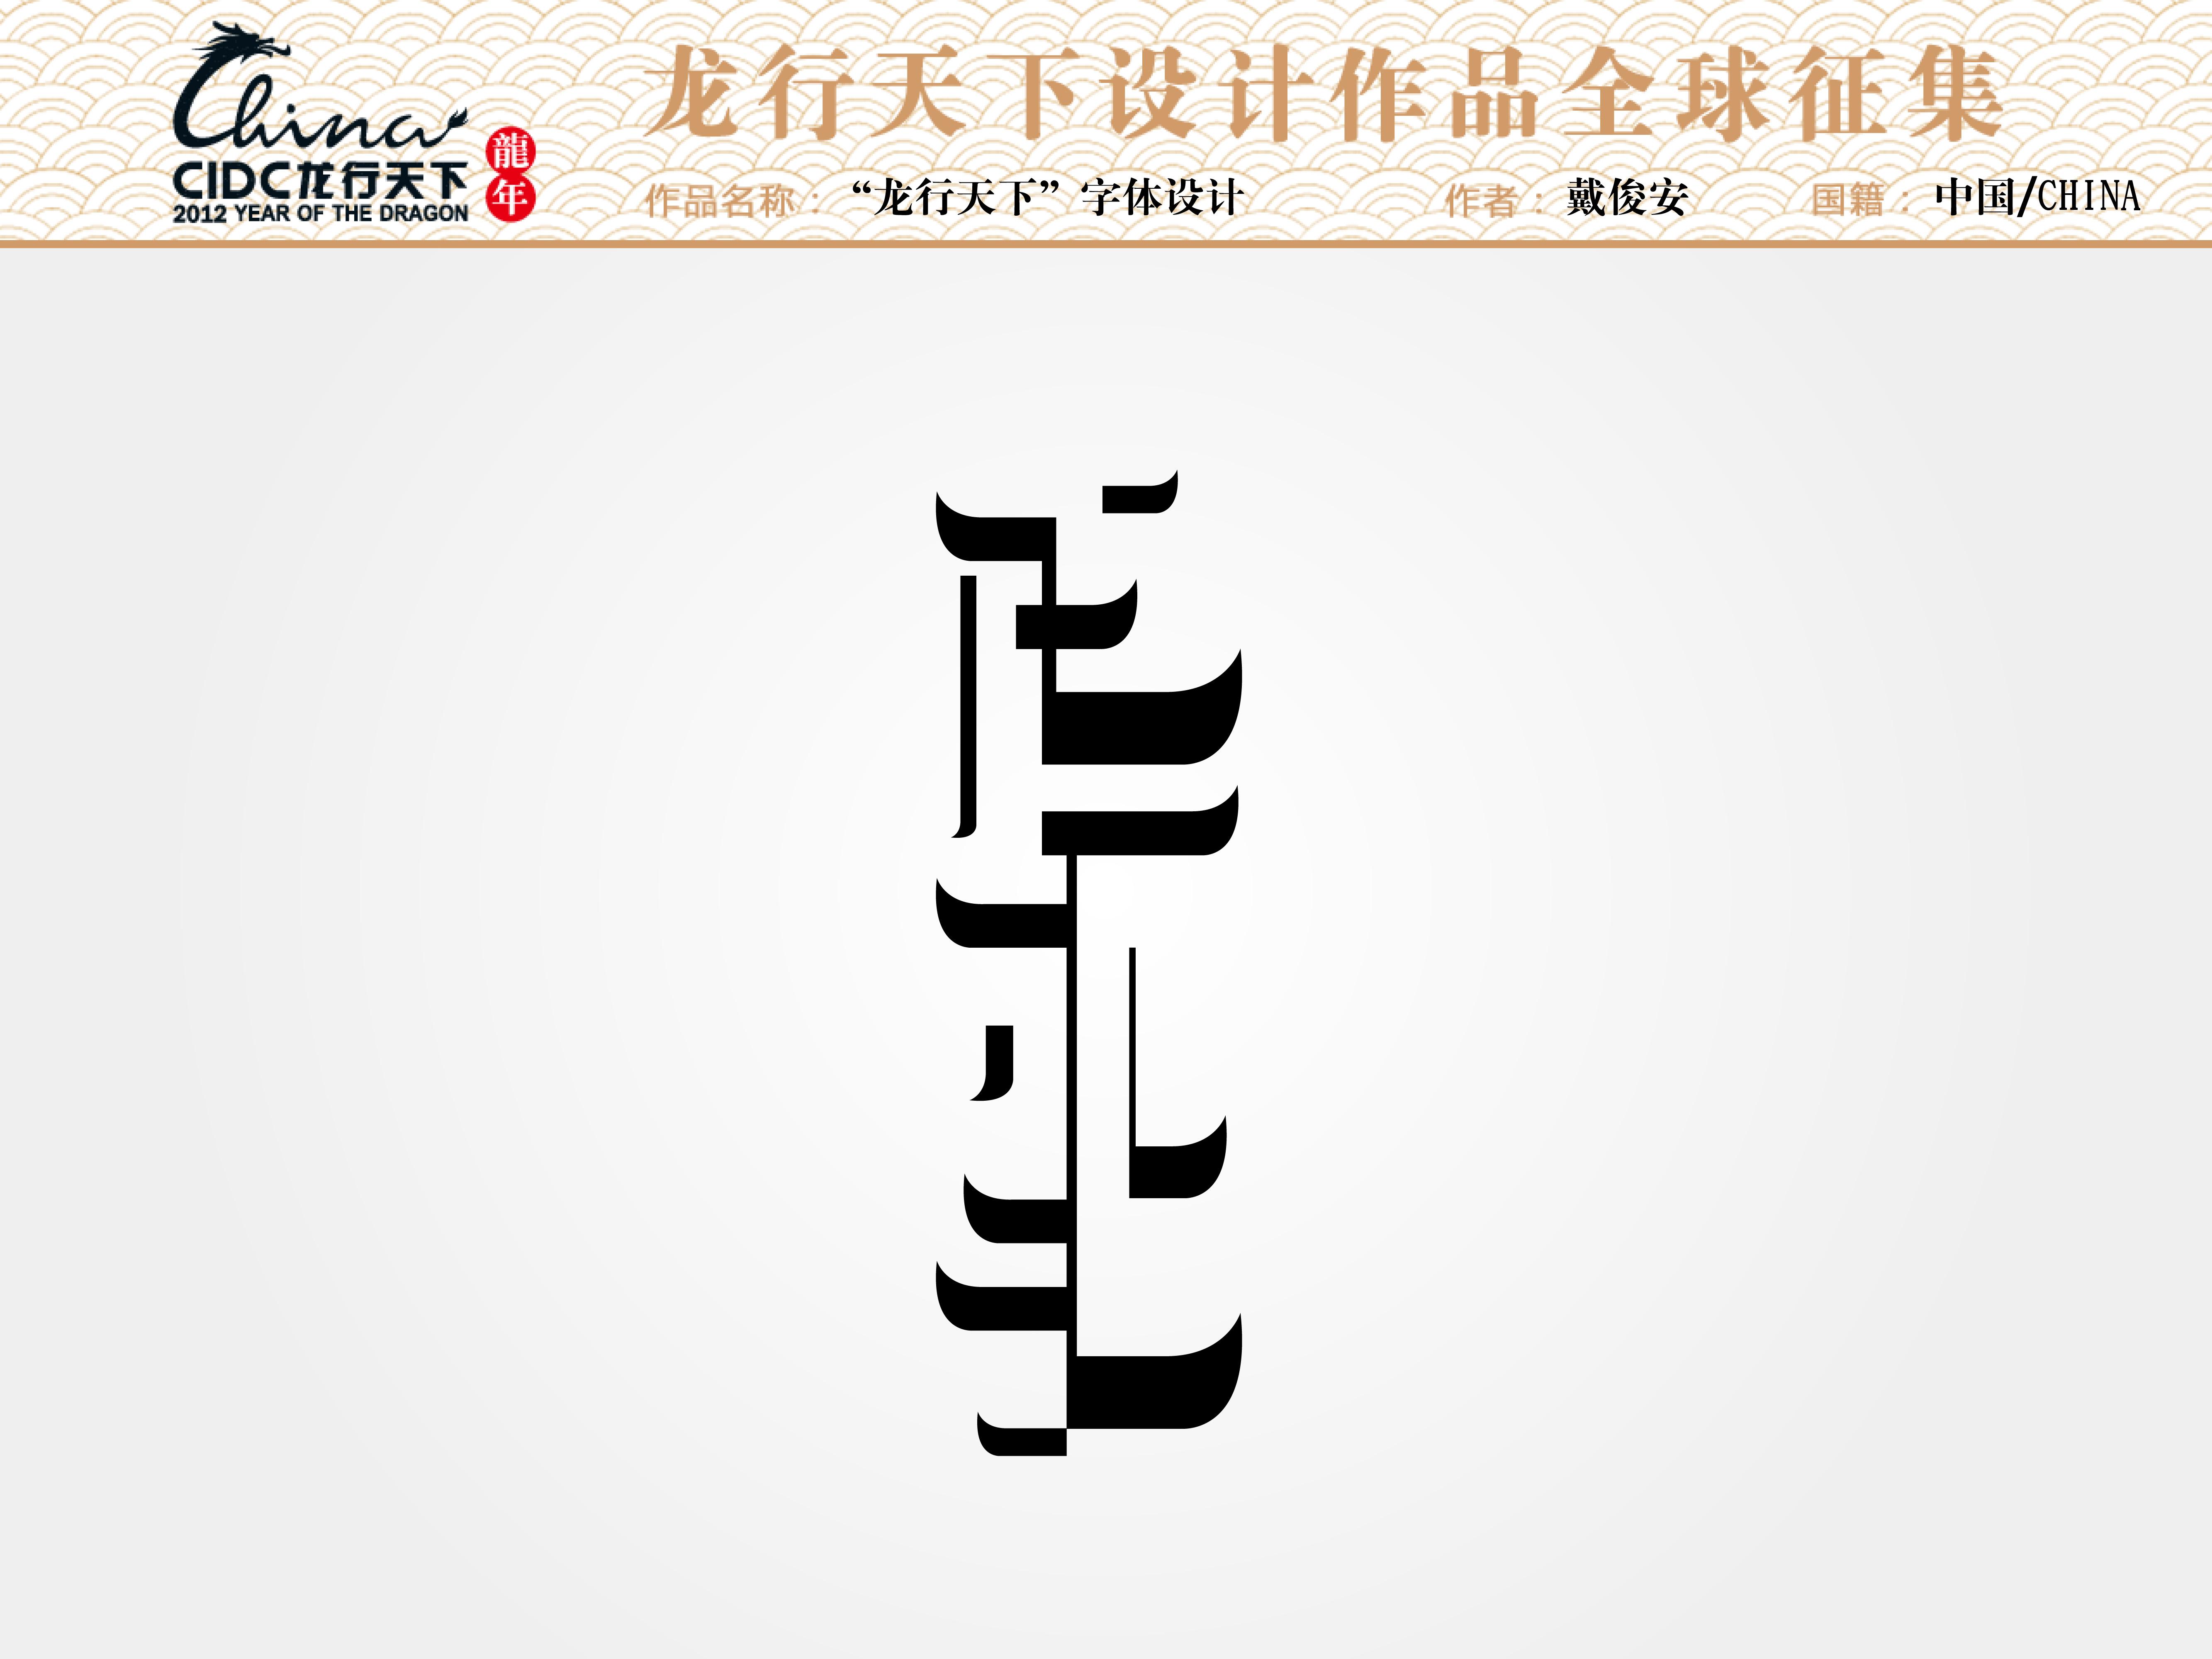 """将中国传统纹样中的龙纹,设计组合成""""龙行天下""""四个字图片"""